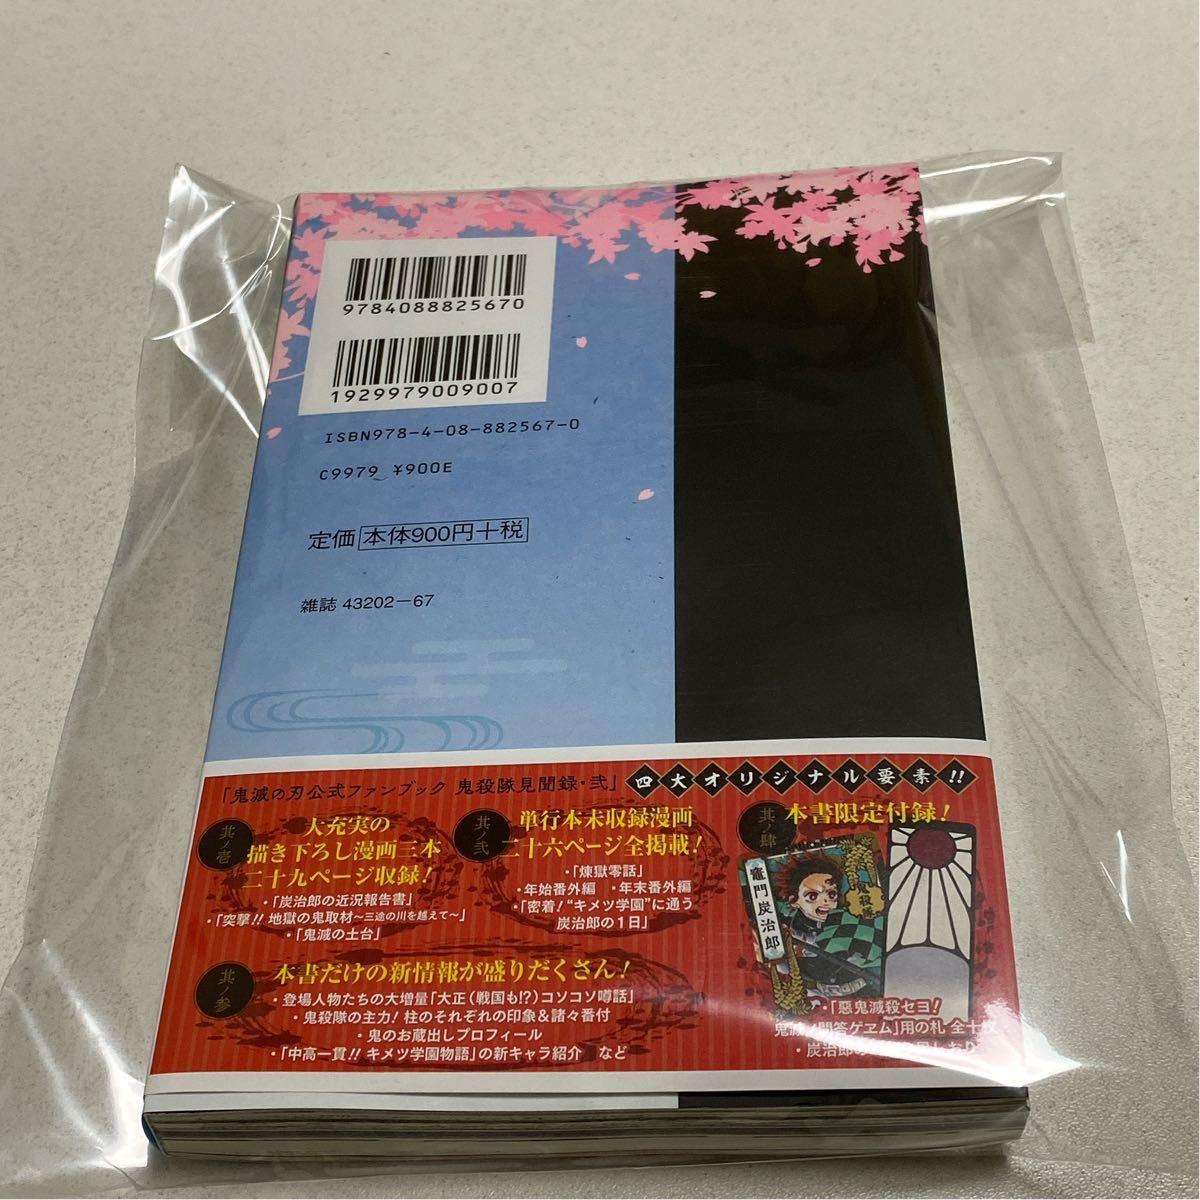 鬼滅の刃公式ファンブック鬼殺隊見聞録 2